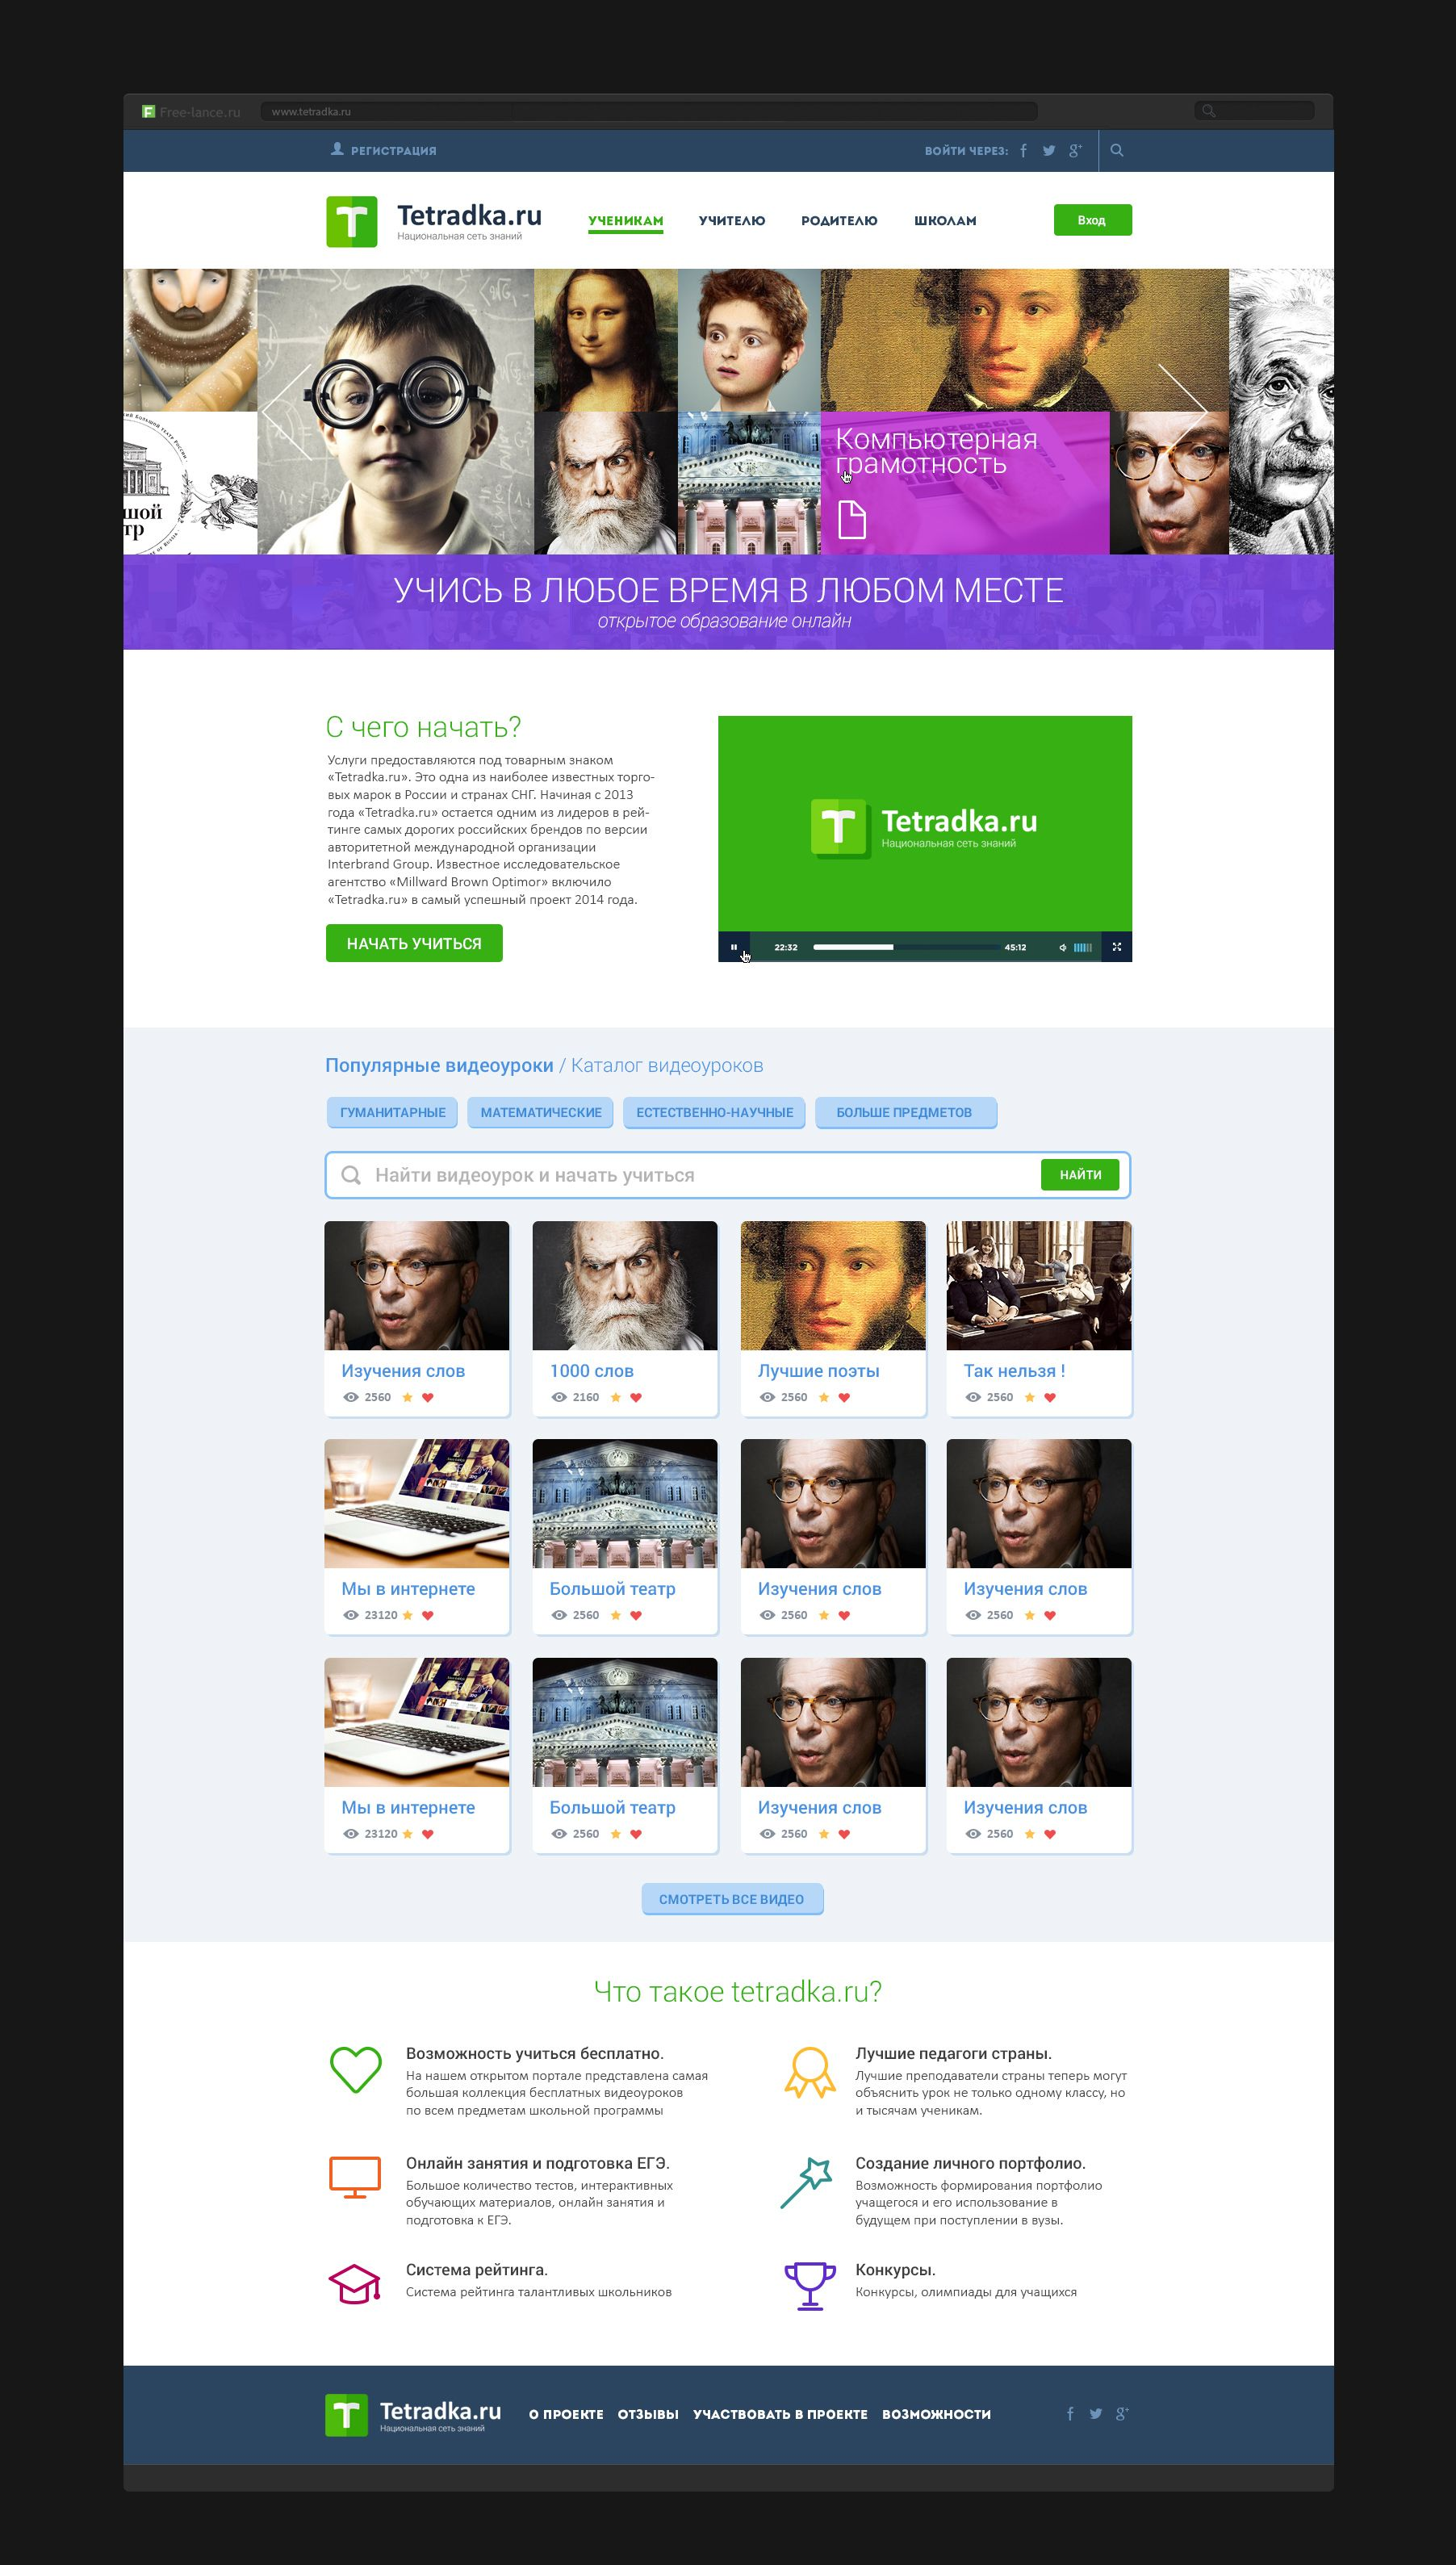 Главная страница образовательной сети tetradka.ru - дизайнер levstar